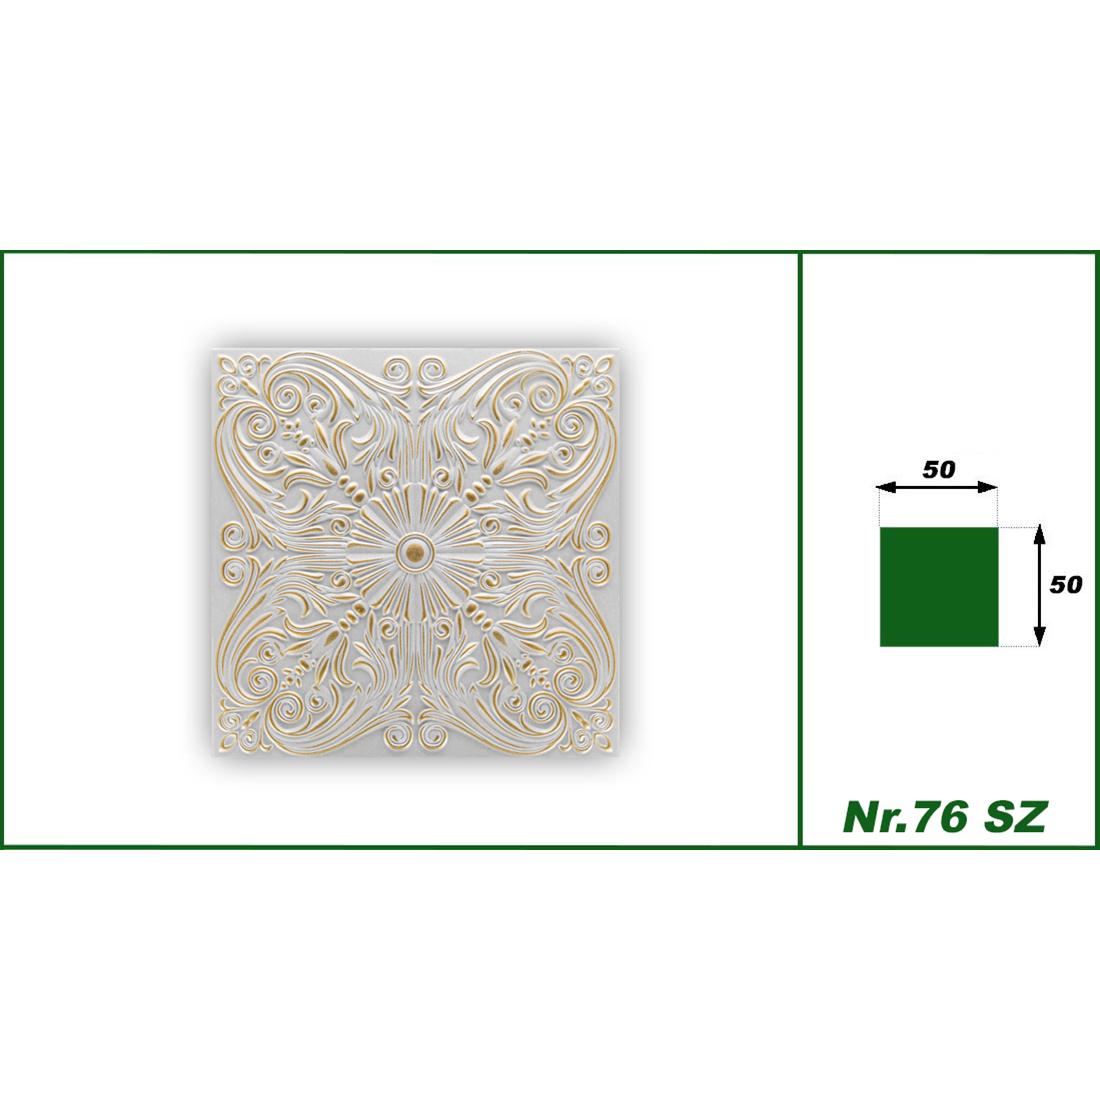 1 qm | Deckenplatten | XPS | formfest | Hexim | 50x50cm | Nr.76